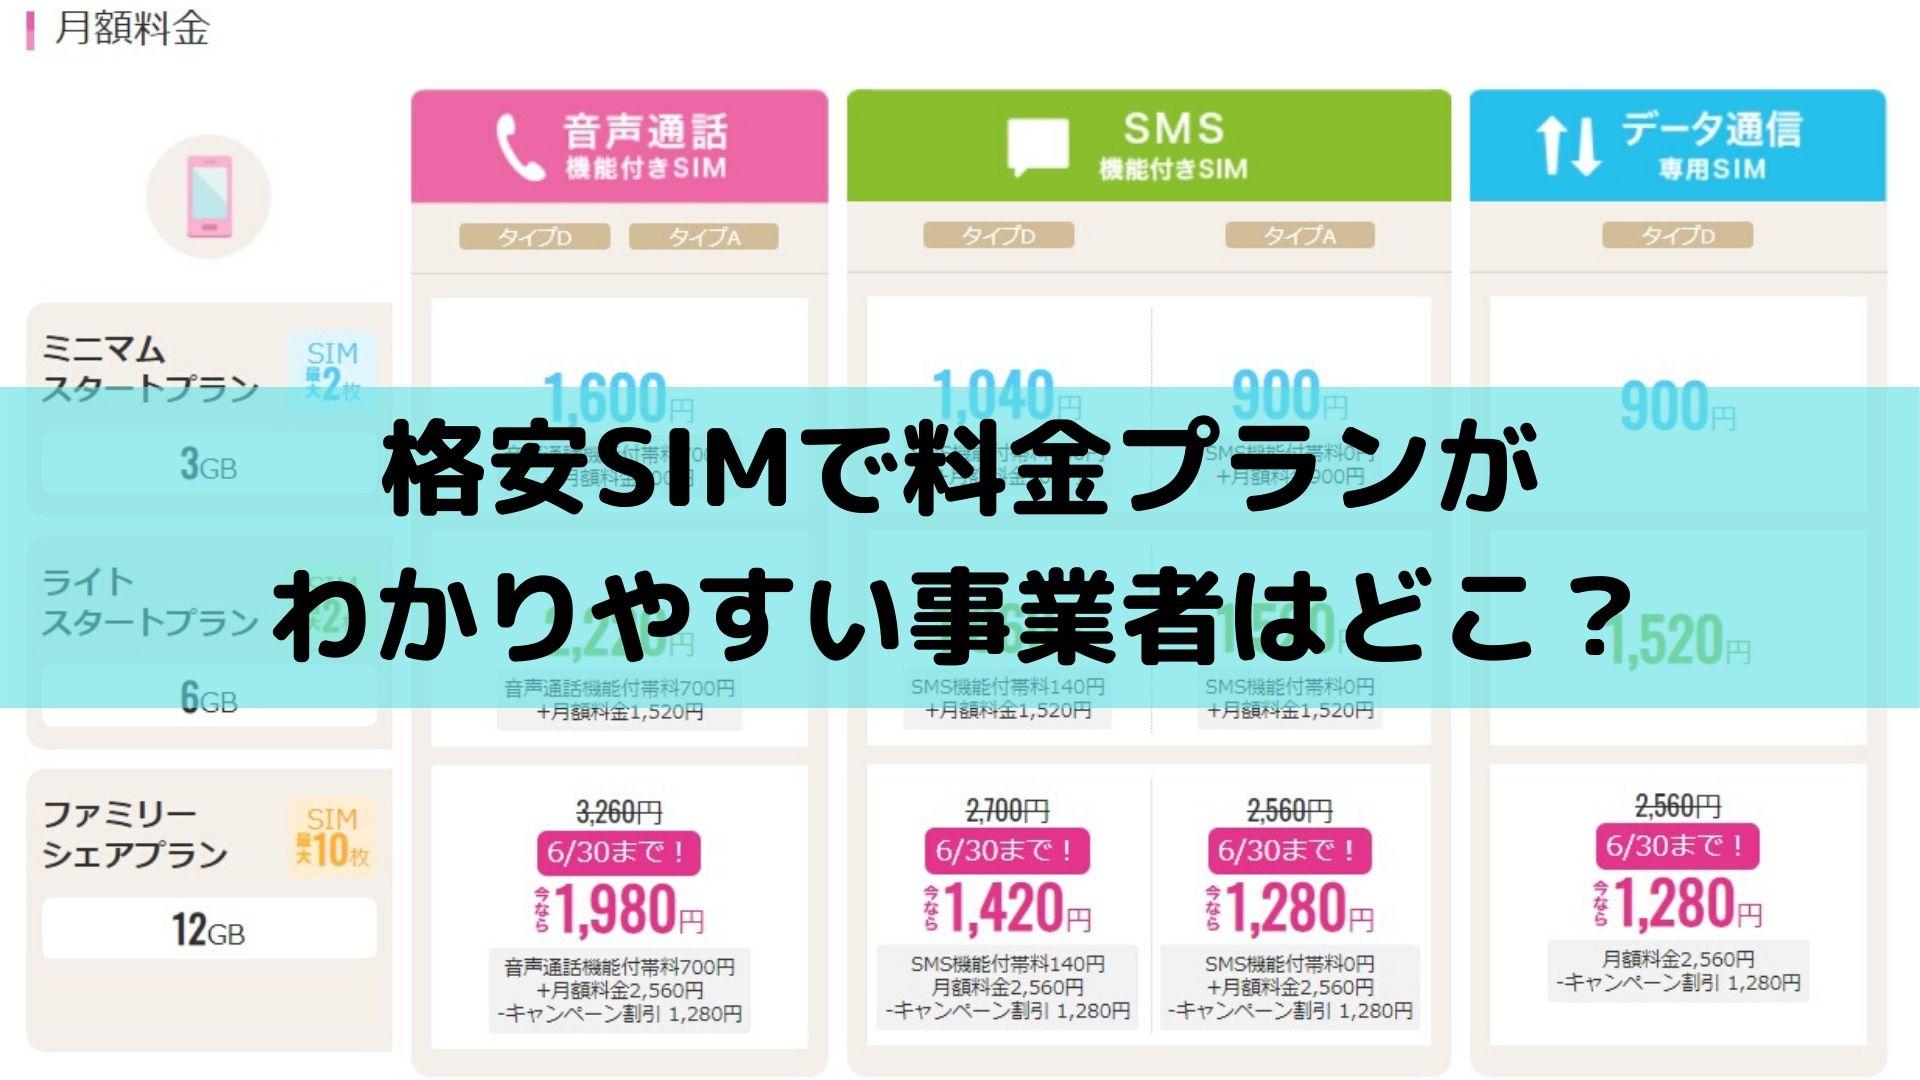 格安SIMで料金プランがわかりやすい事業者はどこ?